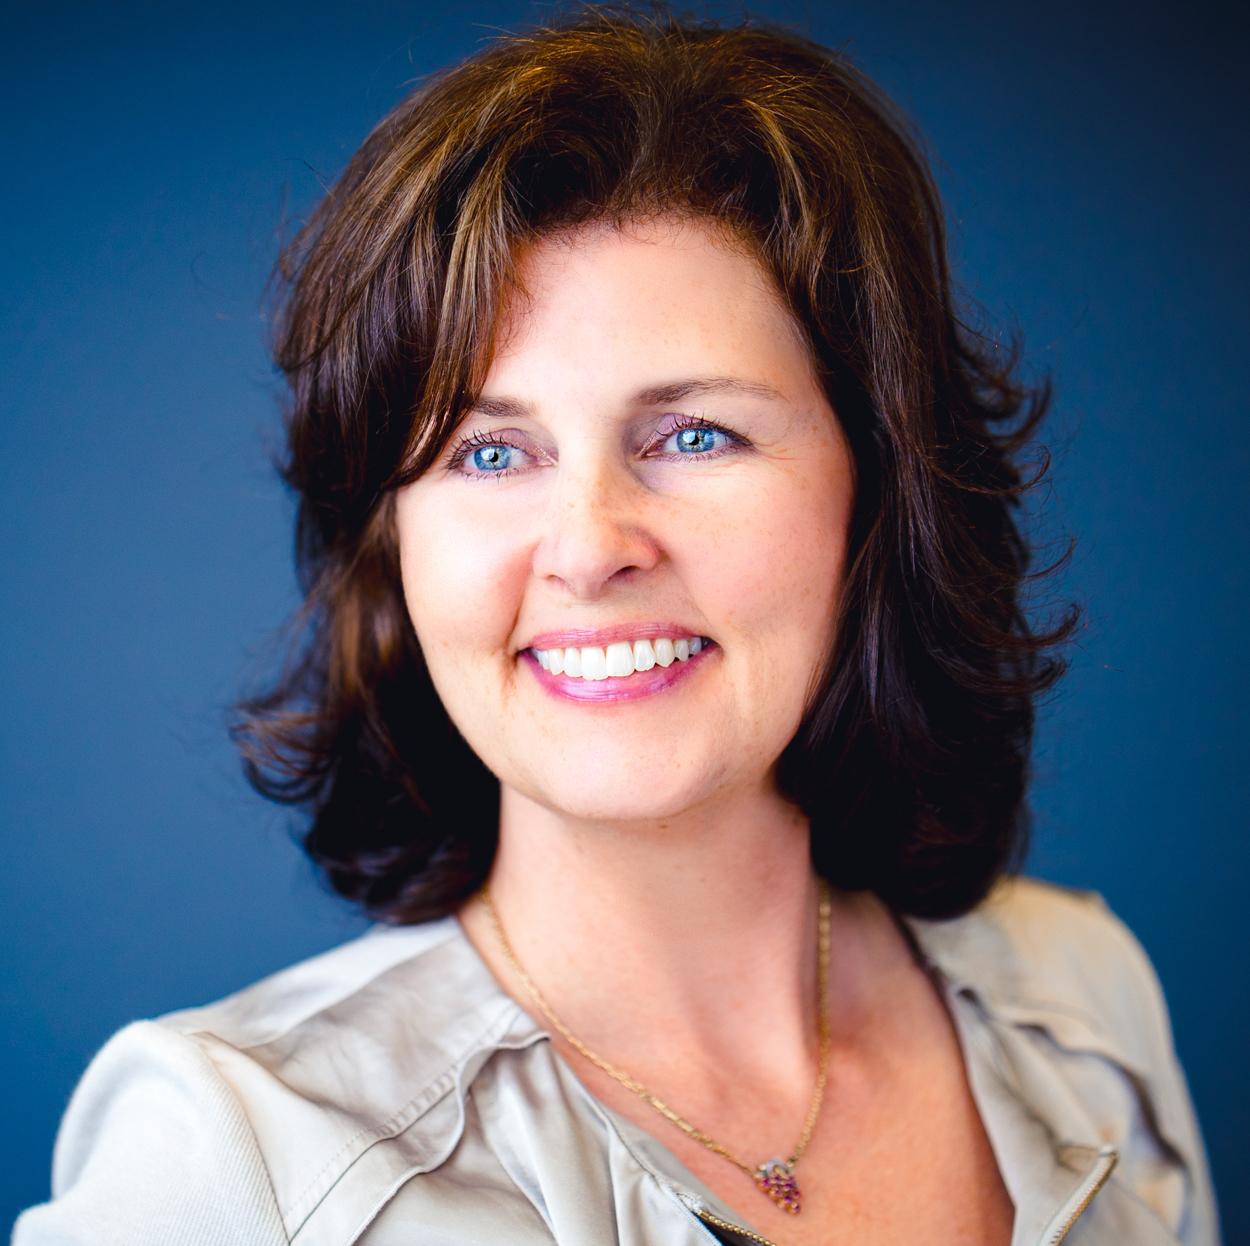 Michelle Archard